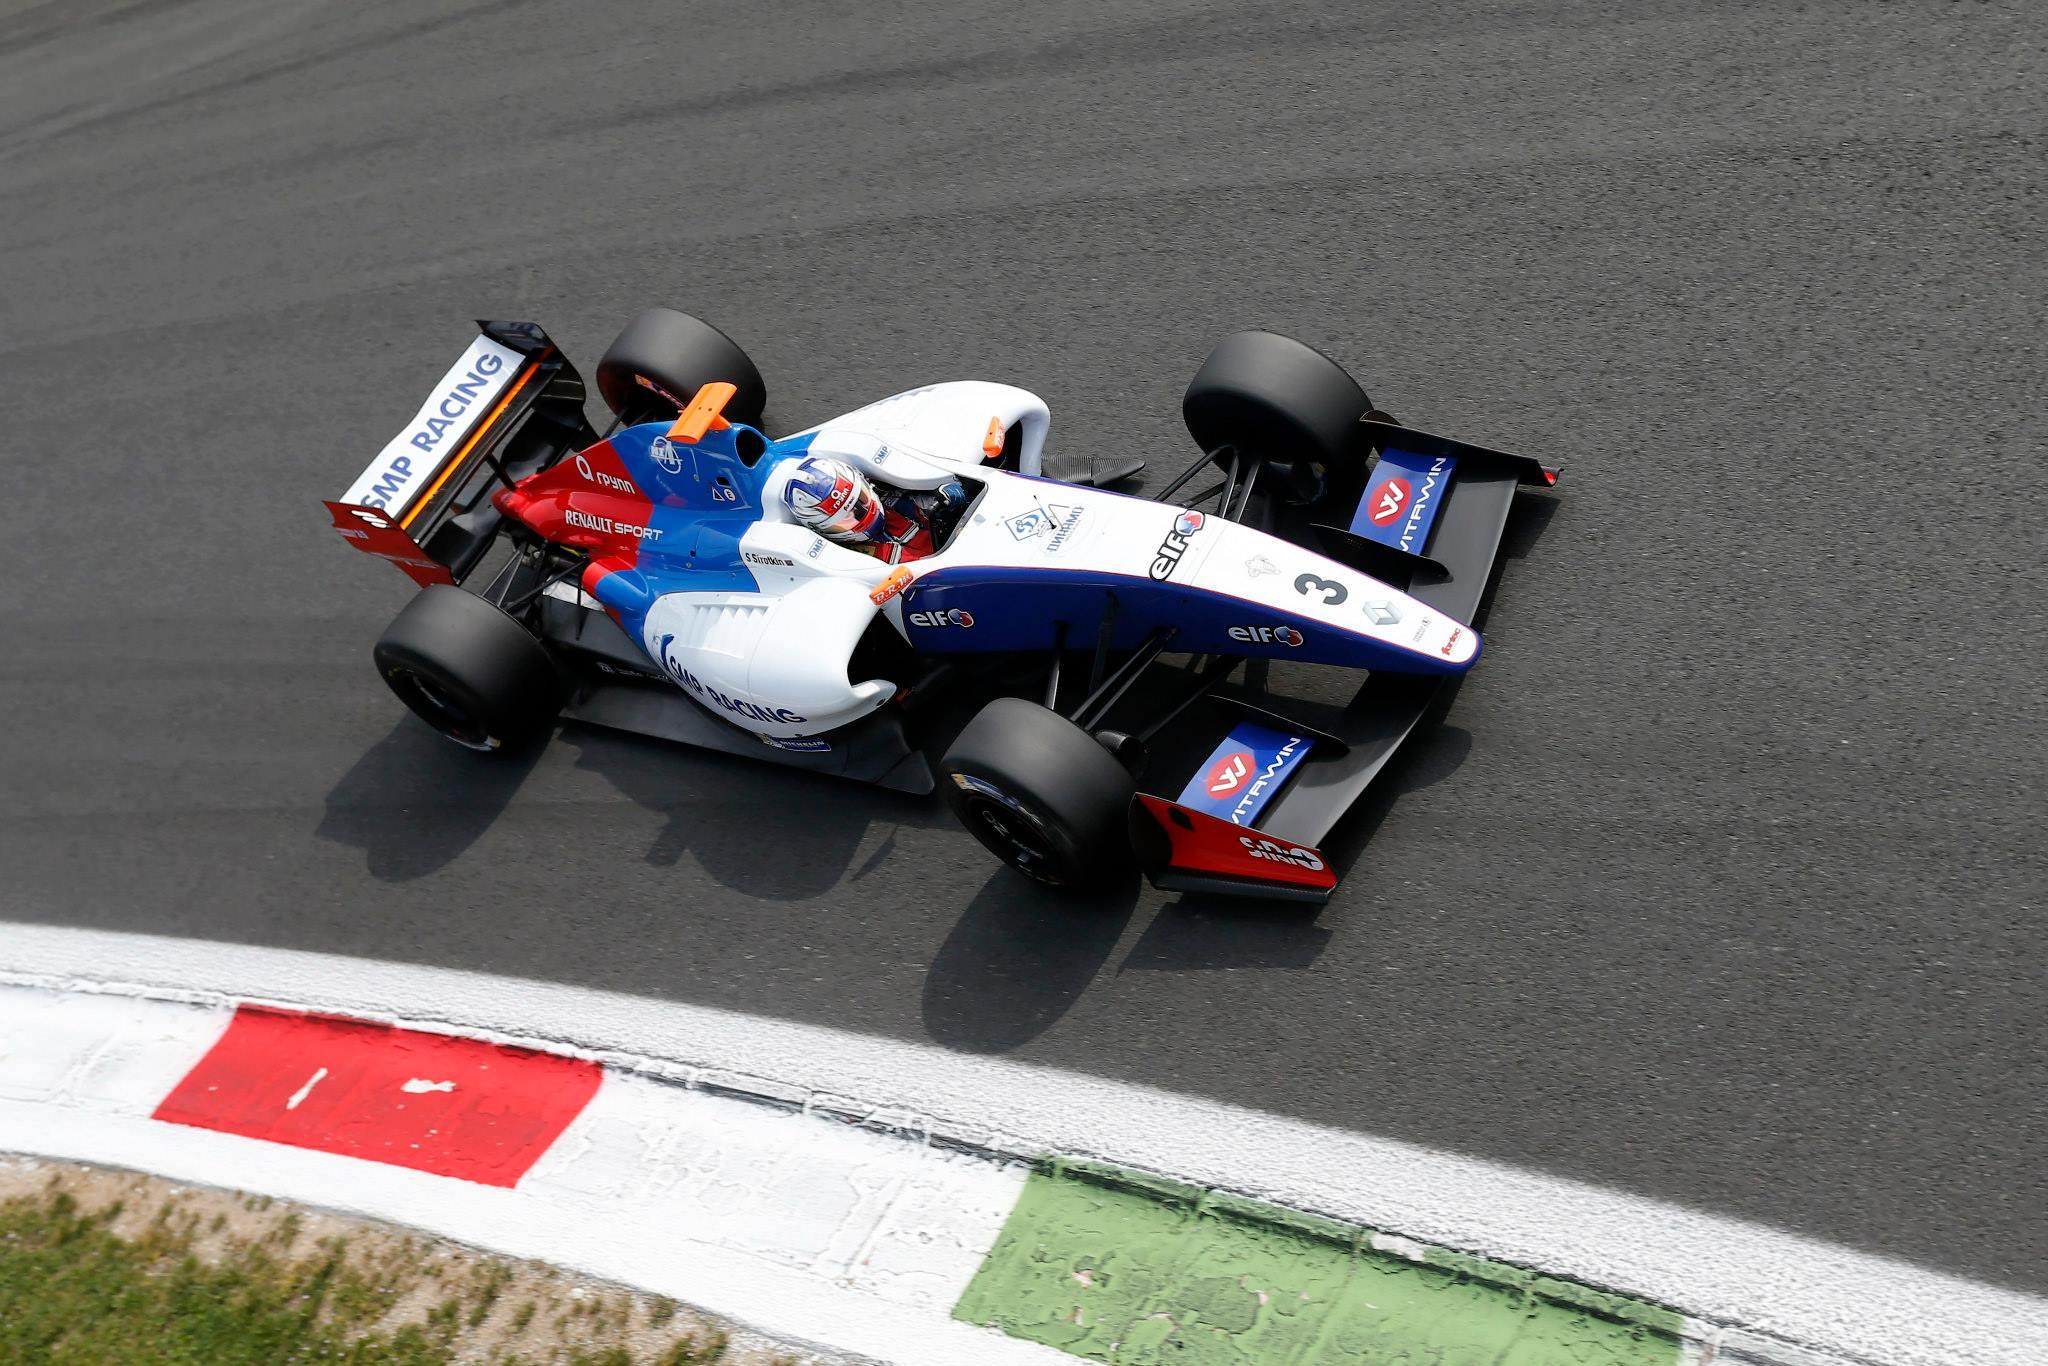 2014 Formula Renault 3.5 Series – Monza – Sergey Sirotkin